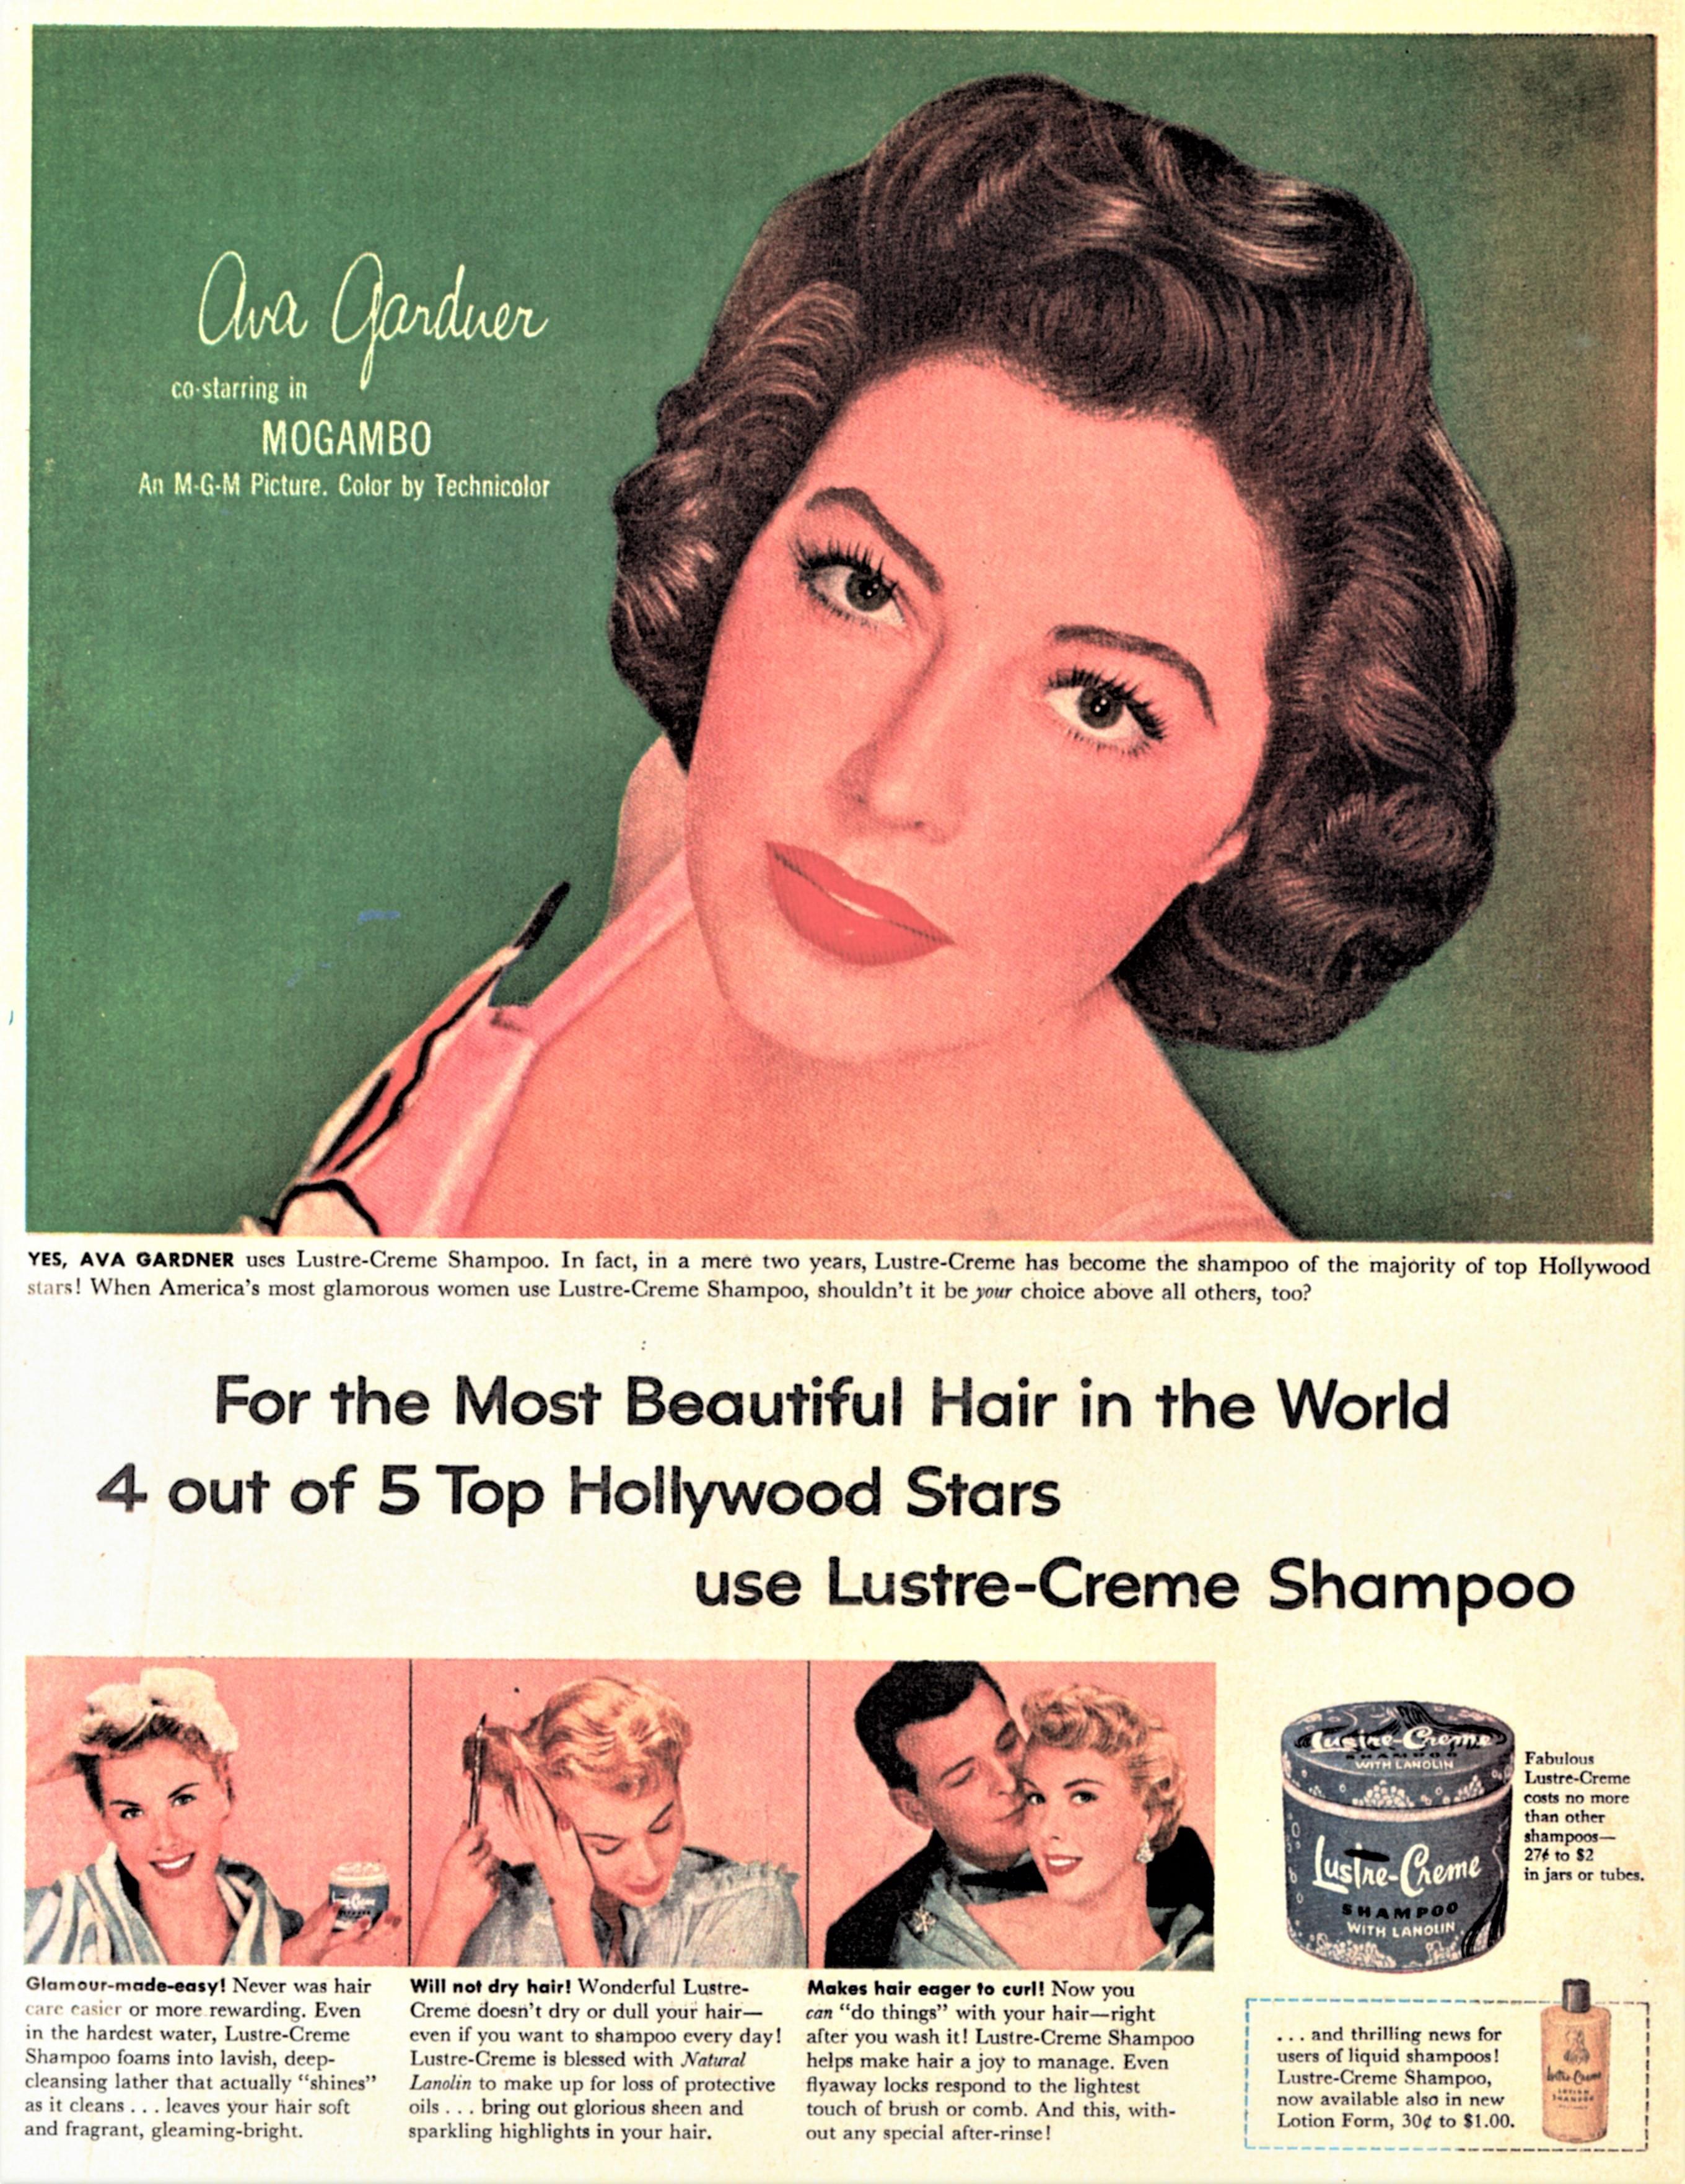 エヴァ・ガードナー(1922~90年)。新作「モガンボ」(1953年)の宣伝で、シャンプーの雑誌広告に登場。代表作は他に「裸足の伯爵夫人」(1954年)など。